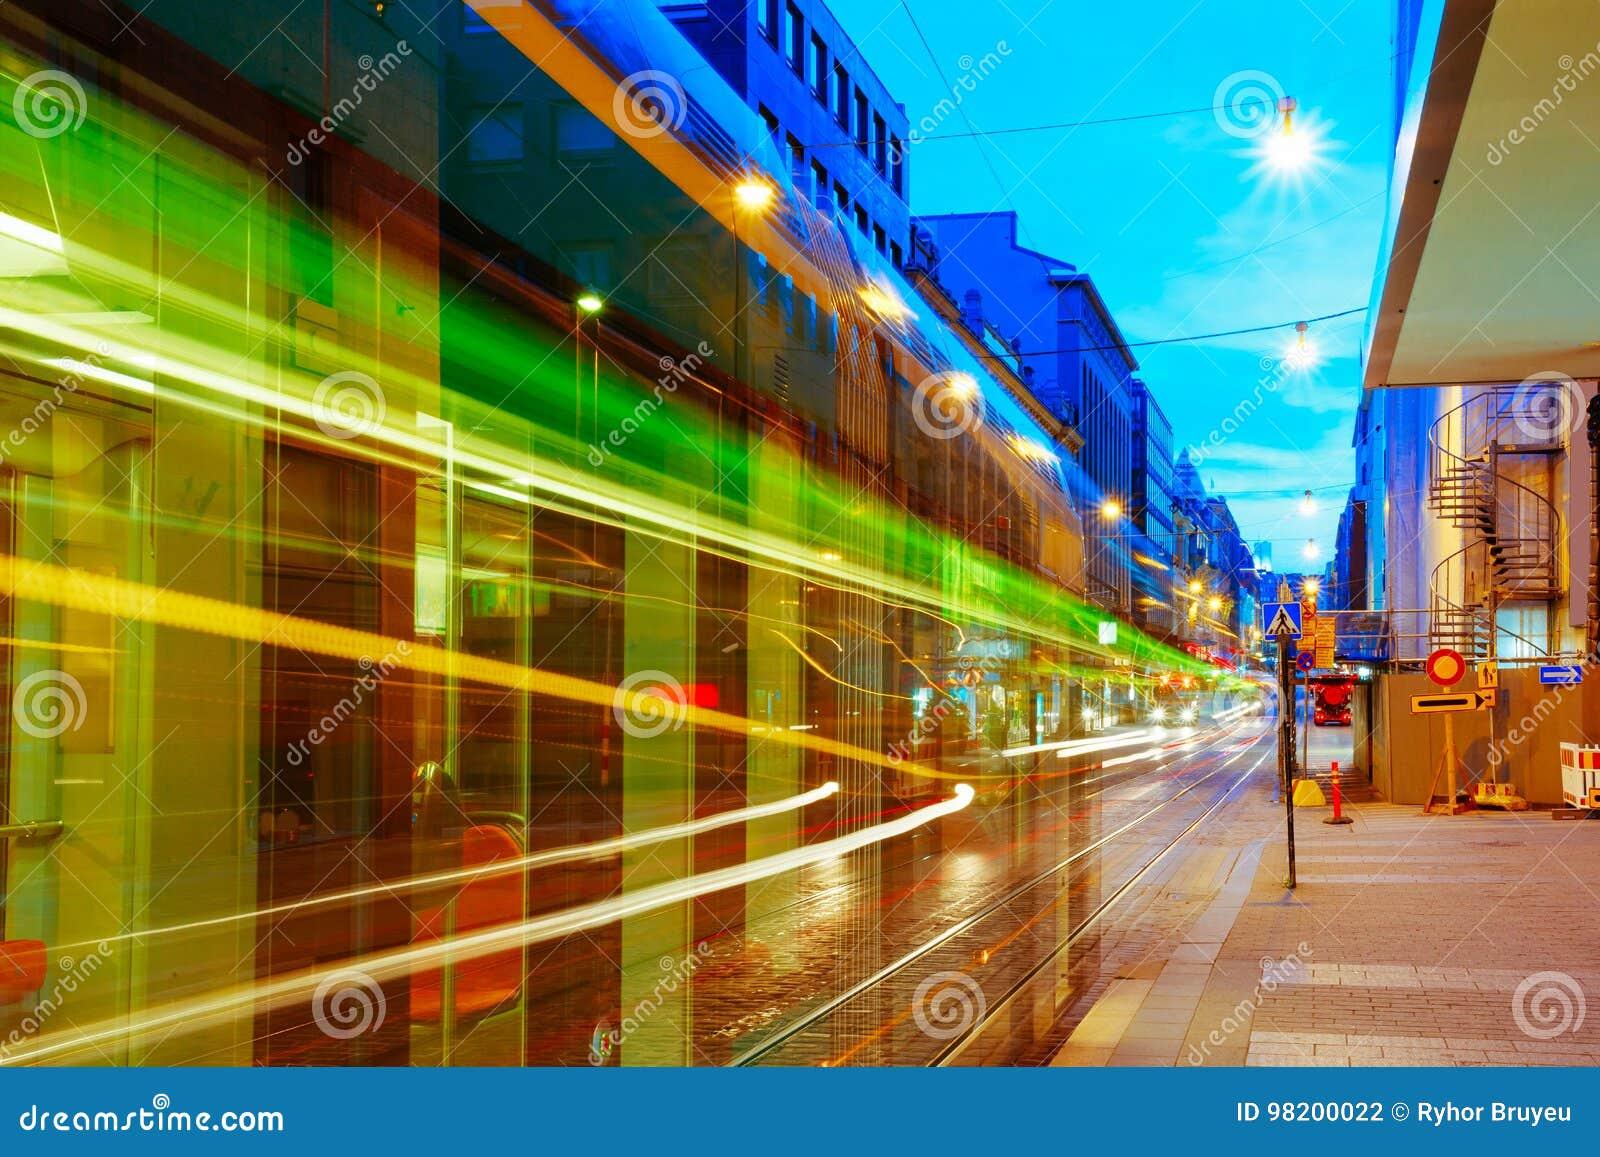 Download Хельсинки, Финляндия Трамвай уходит от стопа на улице Aleksanter Стоковое Фото - изображение насчитывающей центр, свет: 98200022